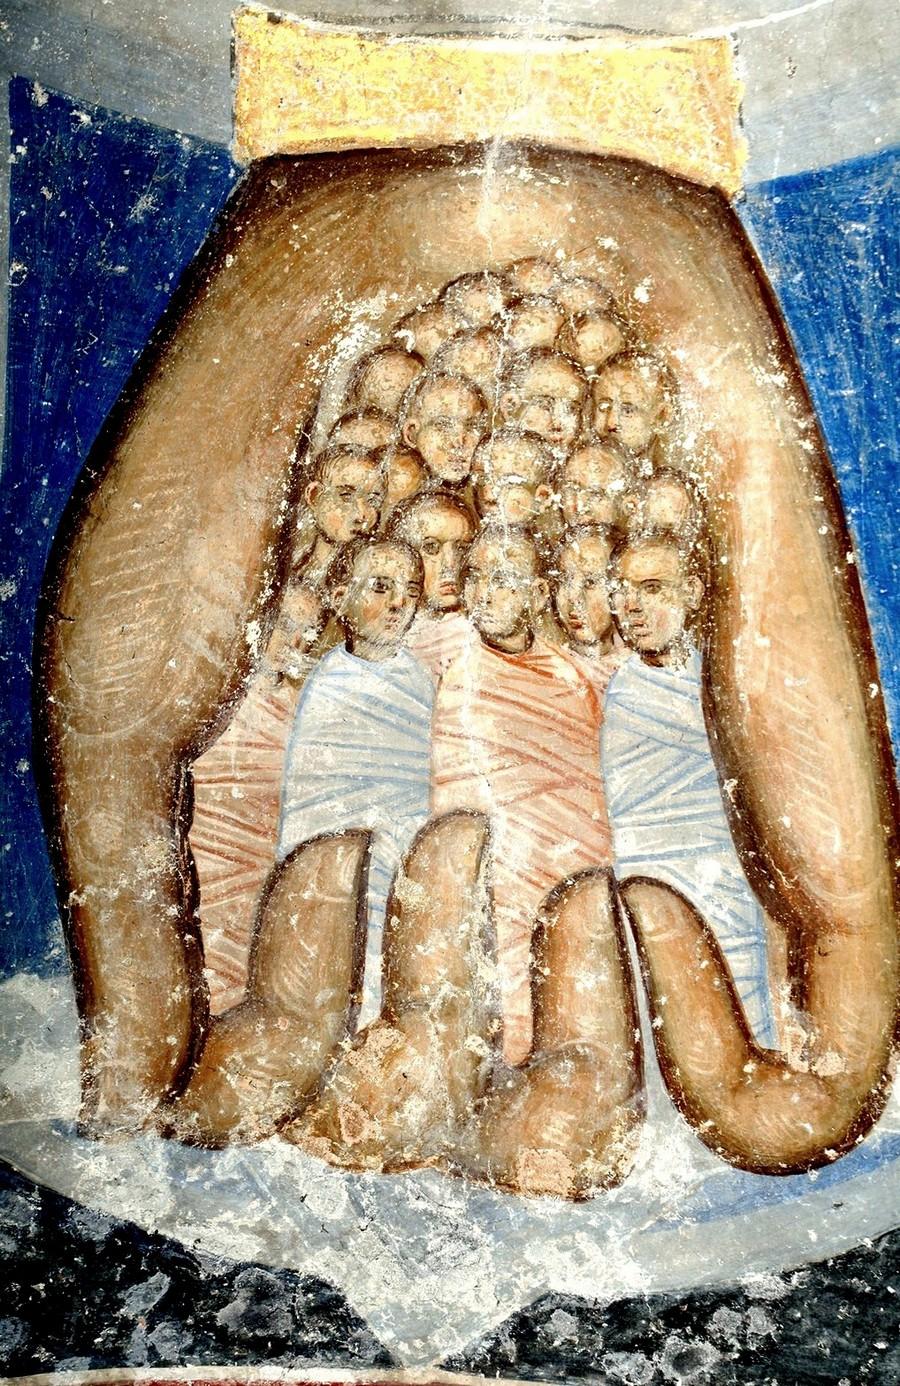 Души праведных в руце Божией. Святые Пророки Цари Давид и Соломон. Фреска церкви Святой Троицы в монастыре Манасия (Ресава), Сербия. До 1418 года. Фрагмент.